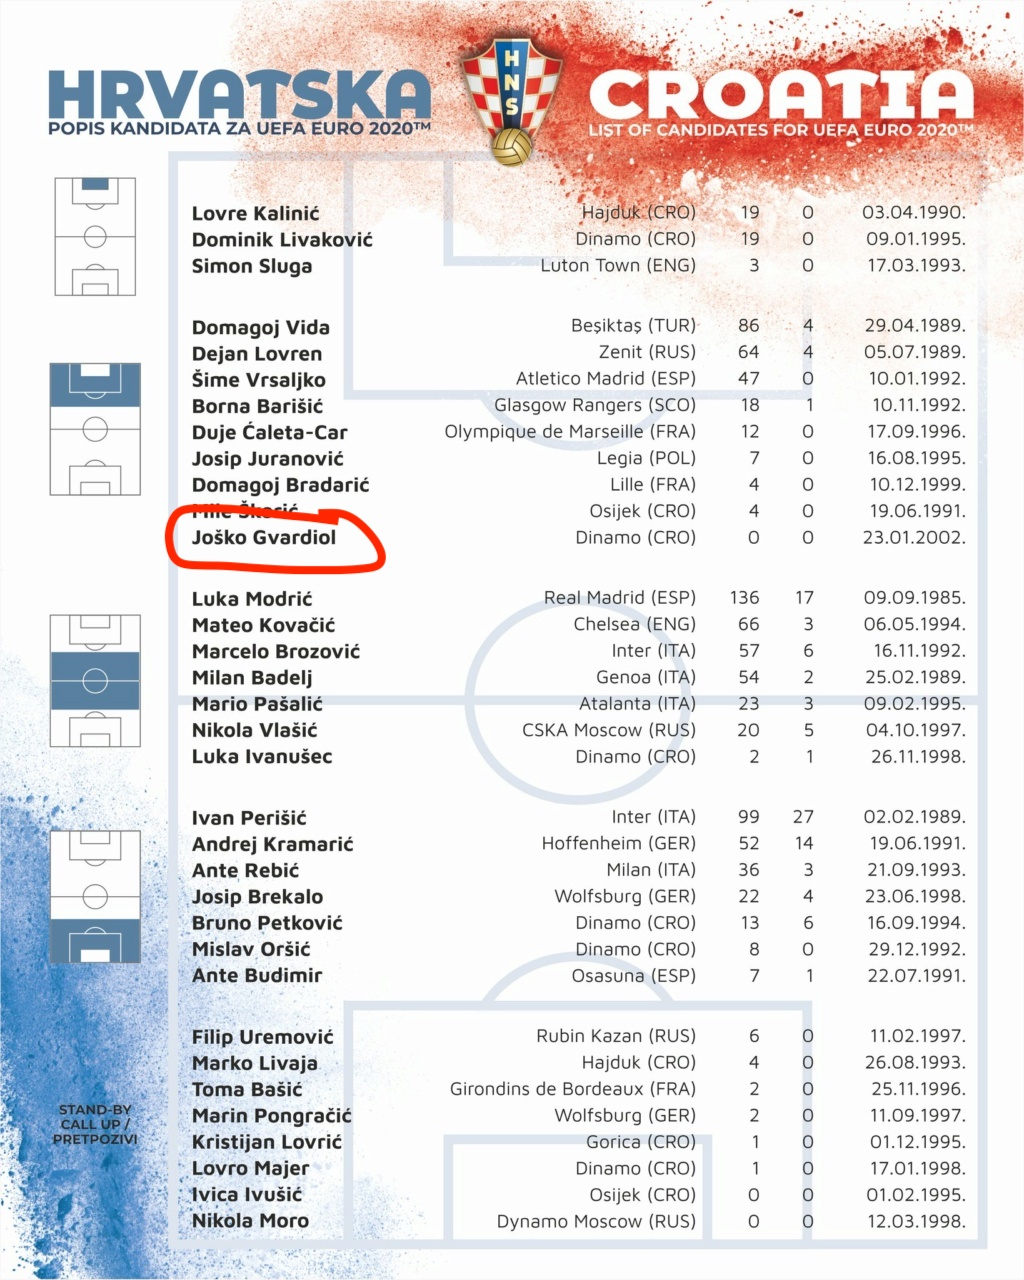 Eurocopa 2021: כיום ברית הגורל נגד אידיוטים נגד הסתגרות - Página 5 Guardi10